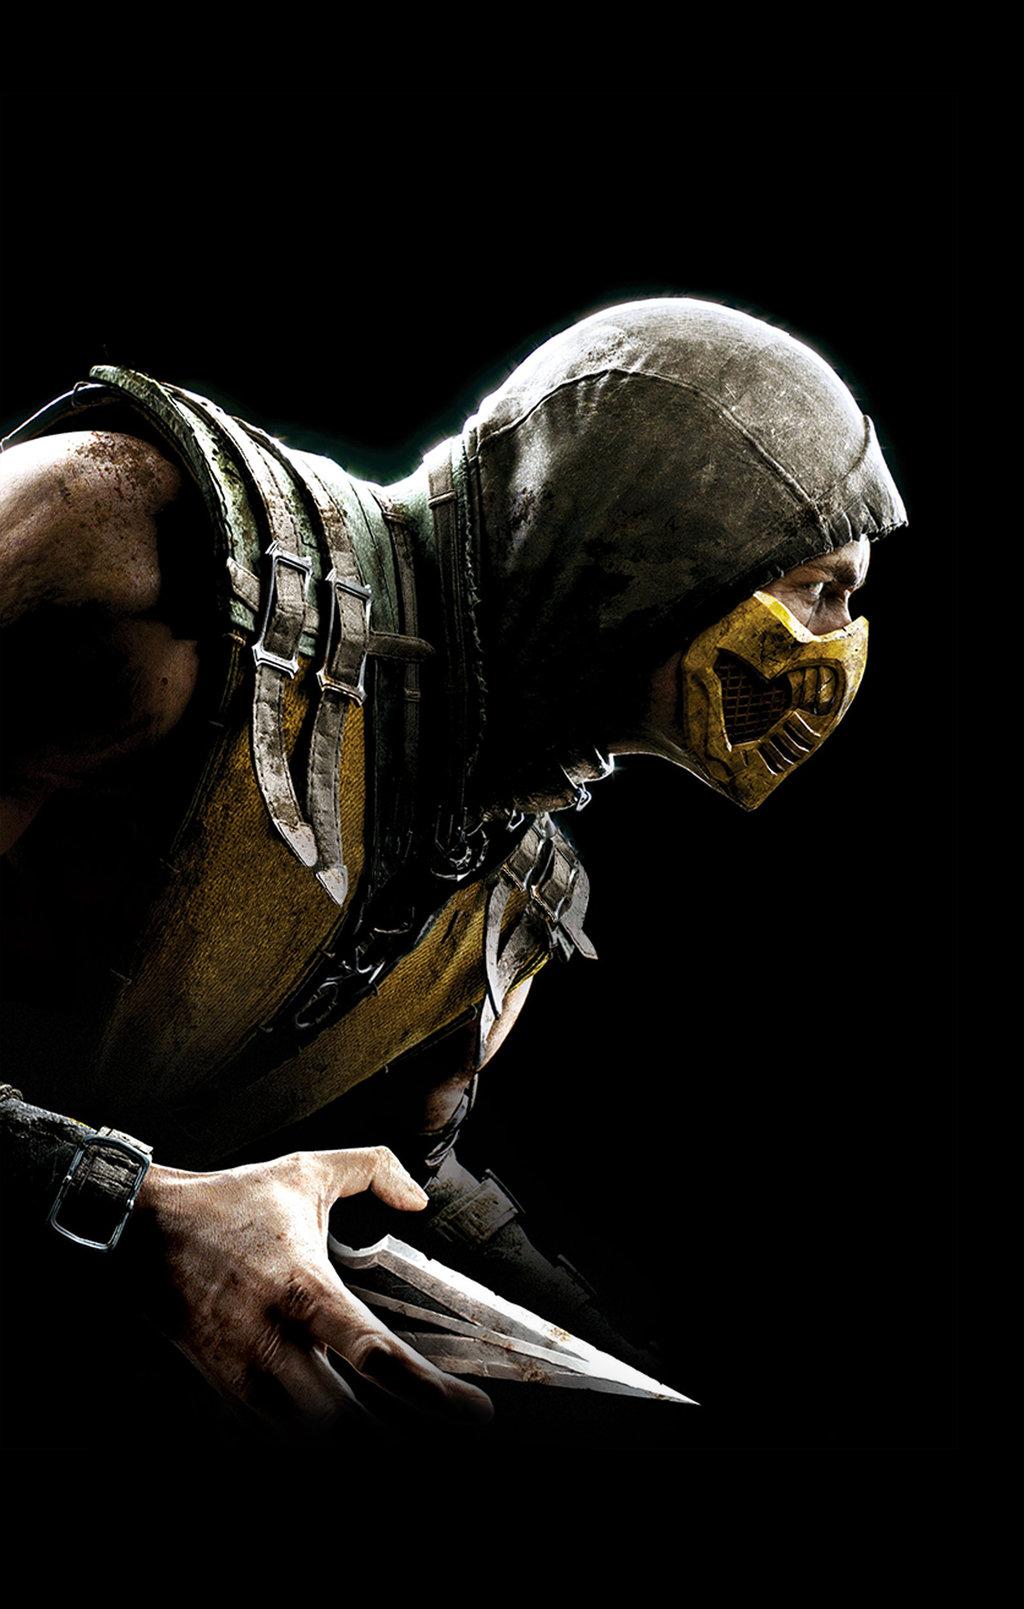 Free download Mortal Kombat X Scorpian phone wallpaper by Reginaught